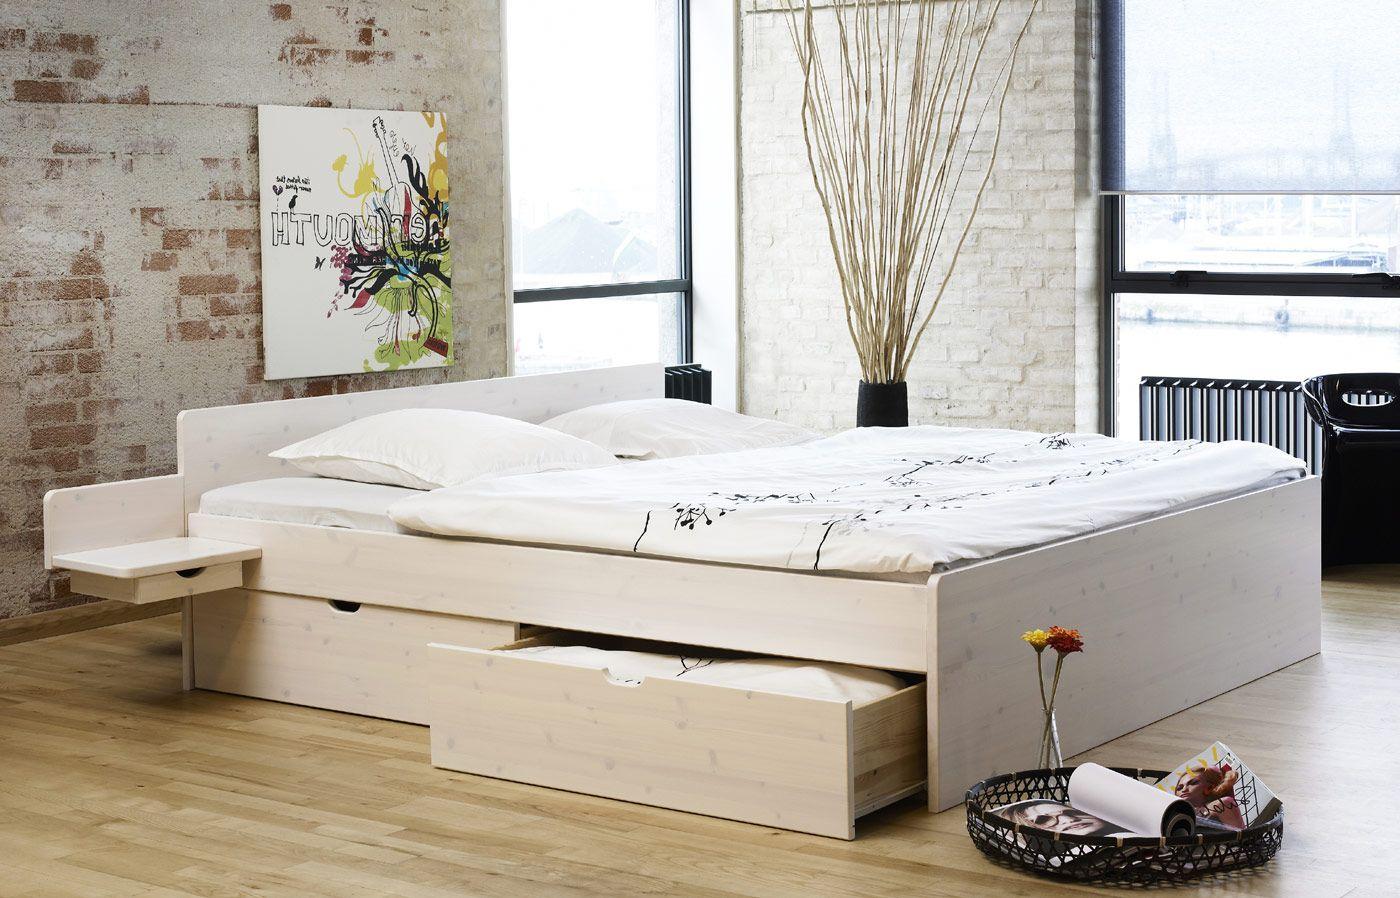 das weiße massivholzbett luke besticht durch sein design und, Hause deko